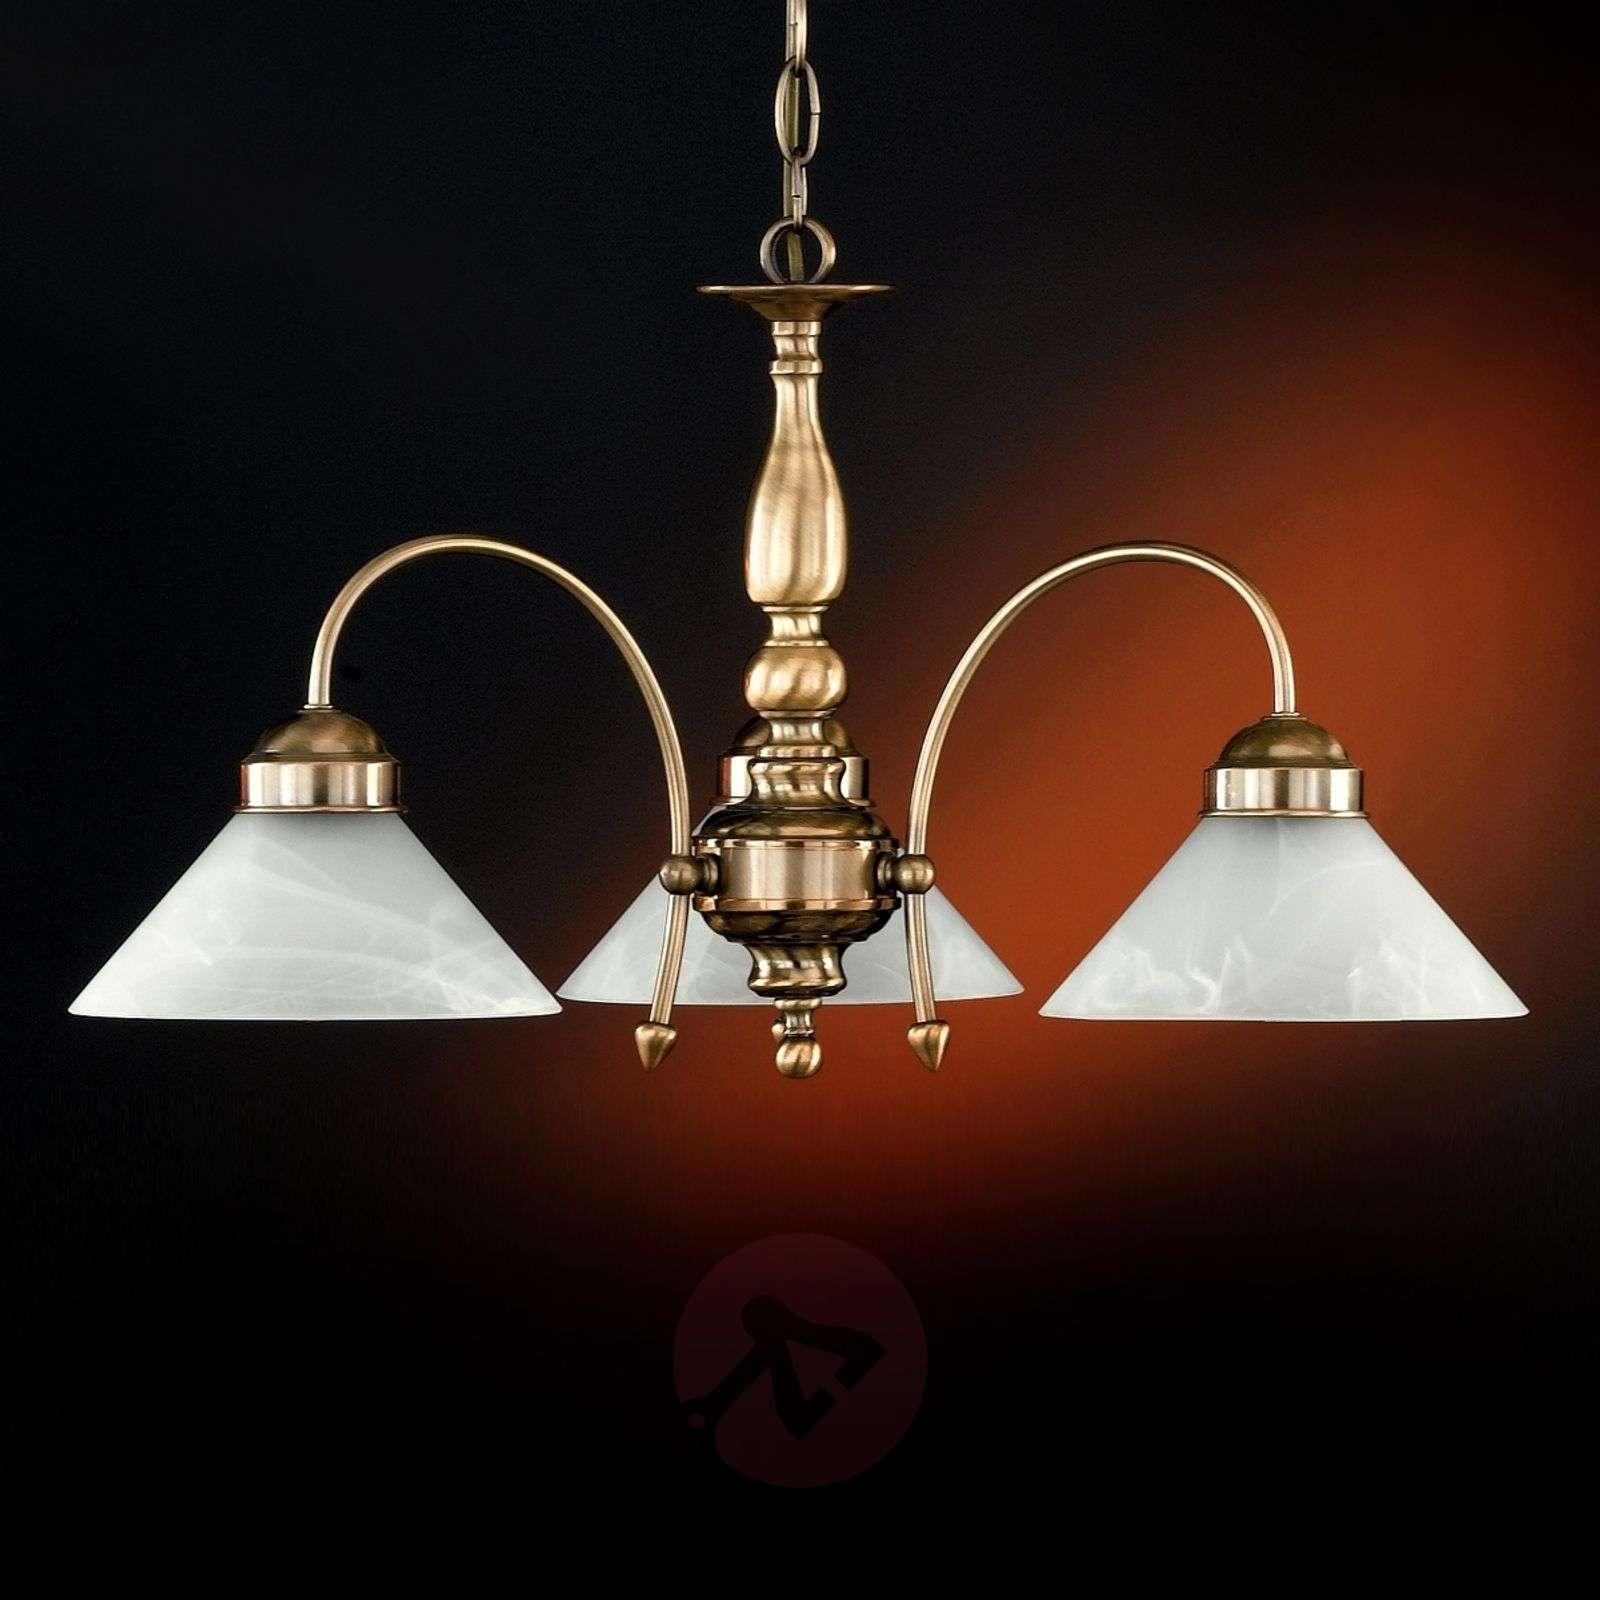 Antwerpen Hanging Light Three-Bulbs Antique Brass-4508378-01